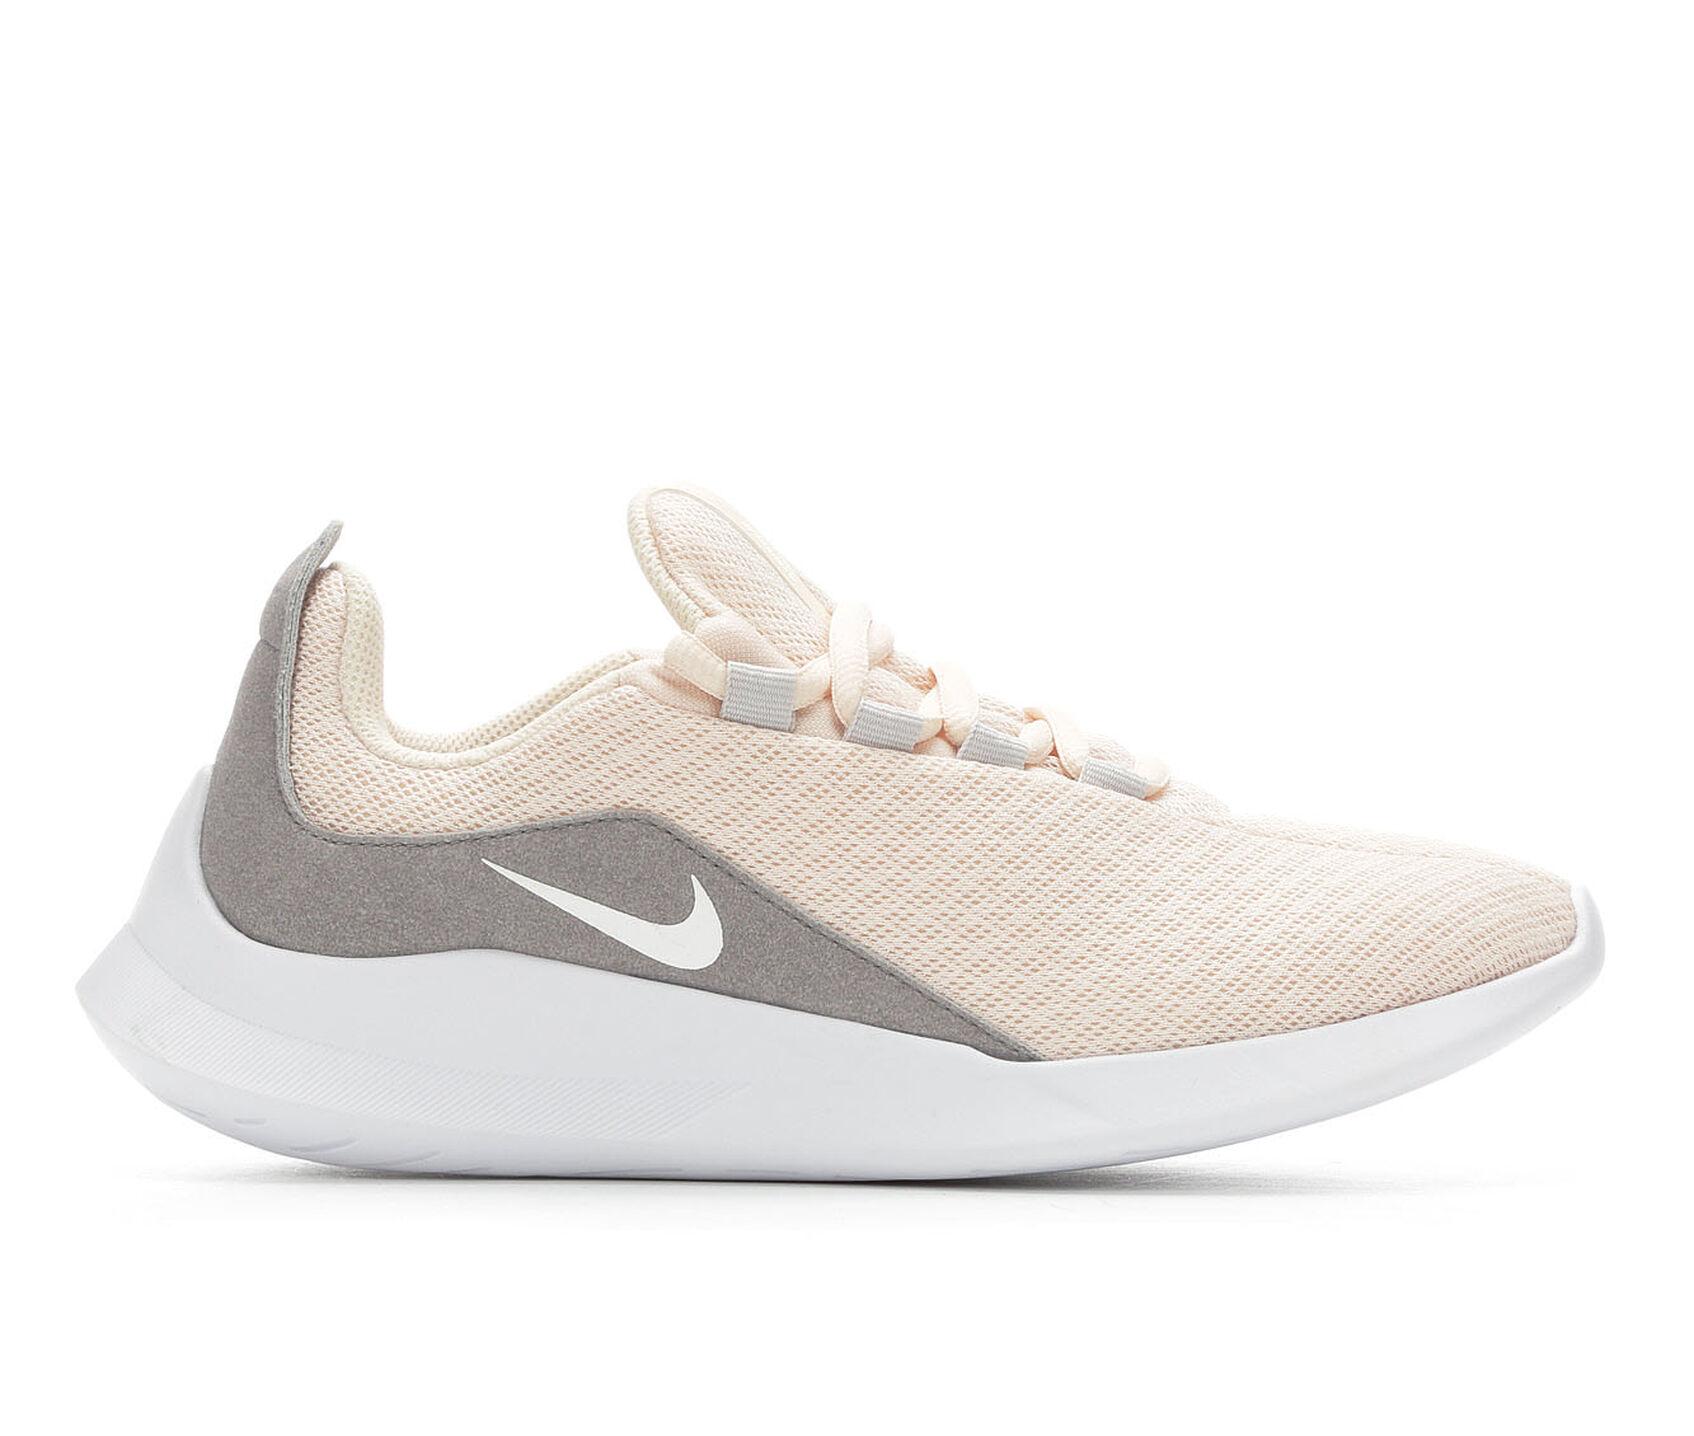 8c5de4b6ab0a Women s Nike Viale Sneakers